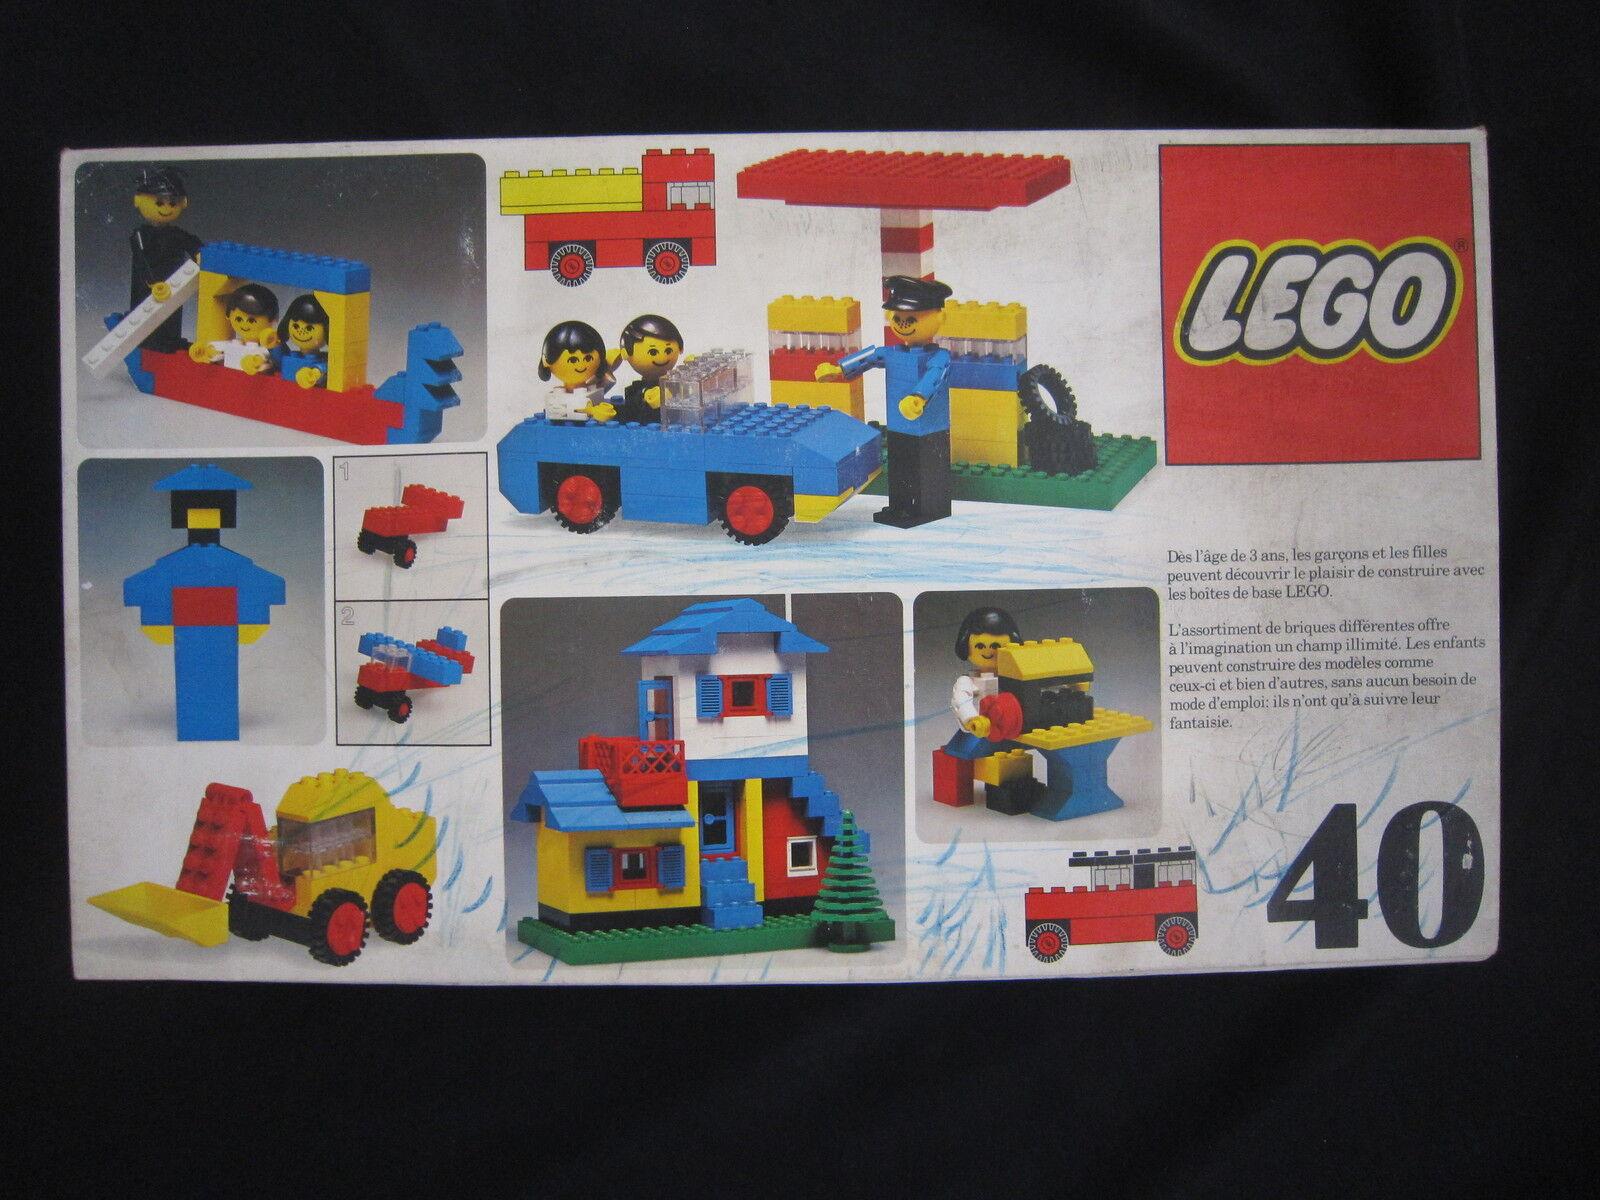 AC093 LEGO BOITE REF 40 1976 ETAT MOYEN